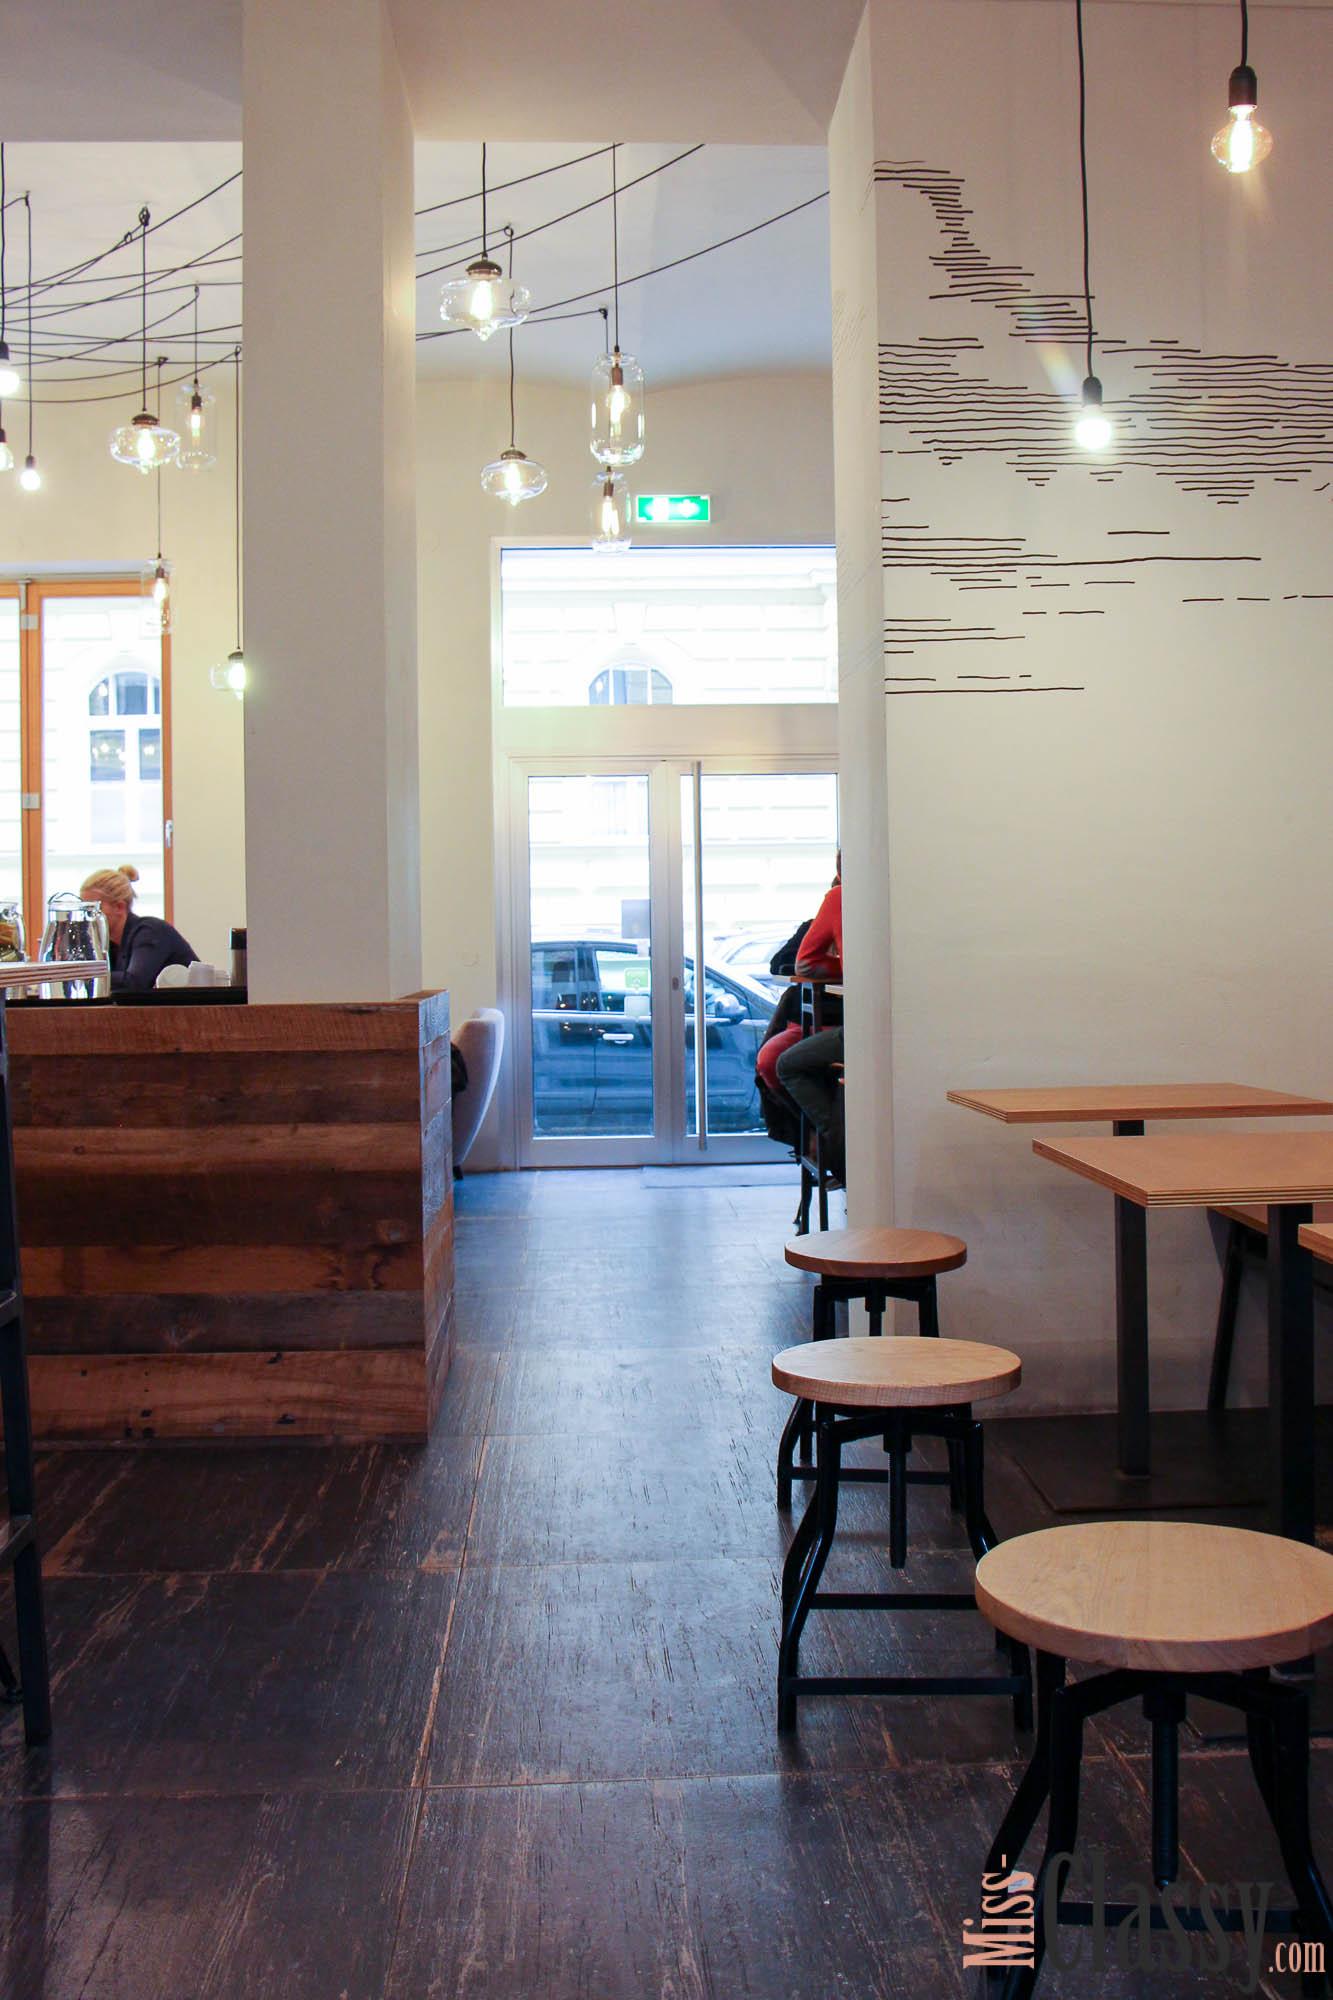 Joanneumsviertel und Besuch im Ducks Coffee Shop